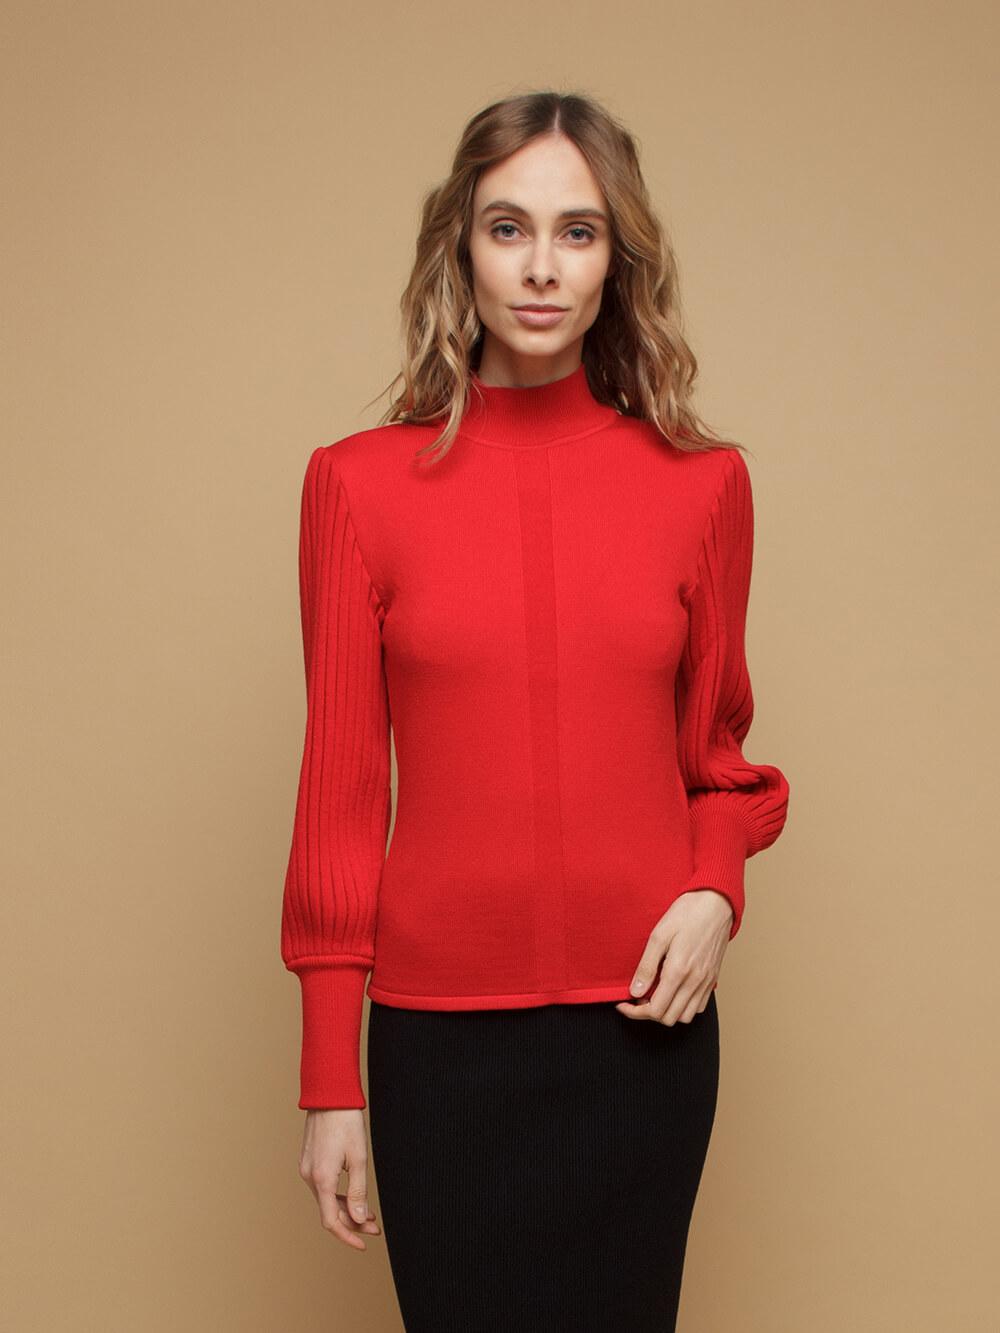 Женский джемпер красного цвета из 100% шерсти - фото 1